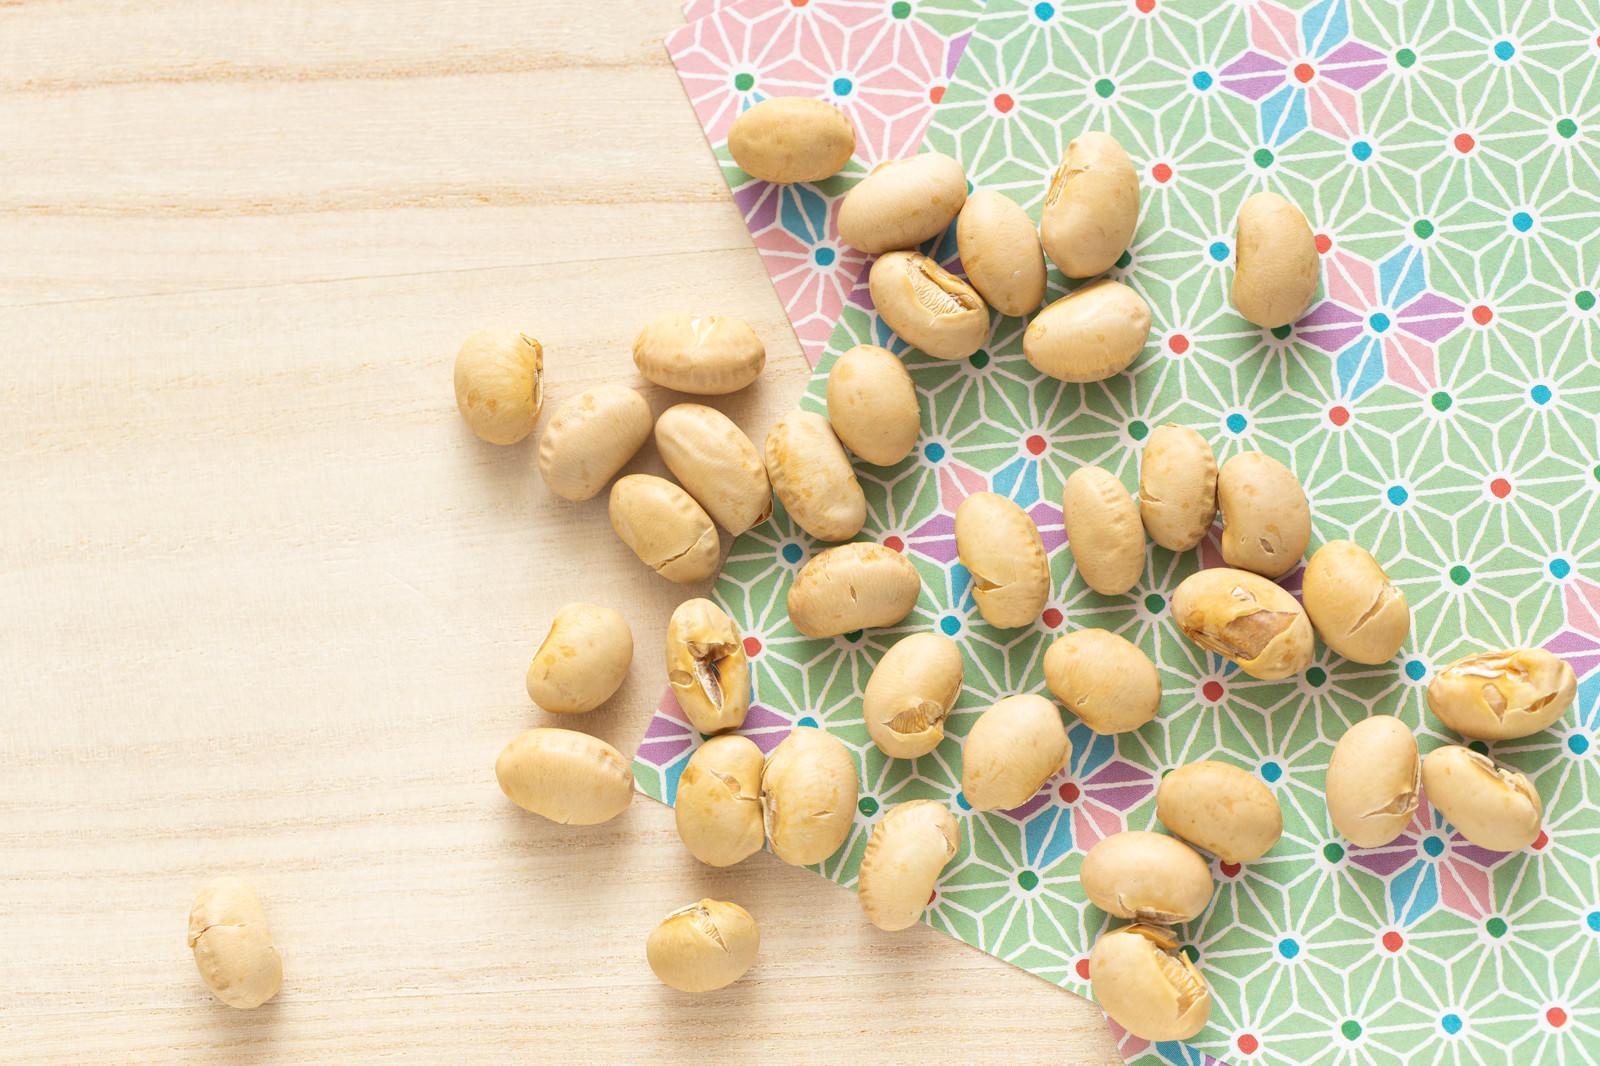 「折り紙と節分の豆」の写真